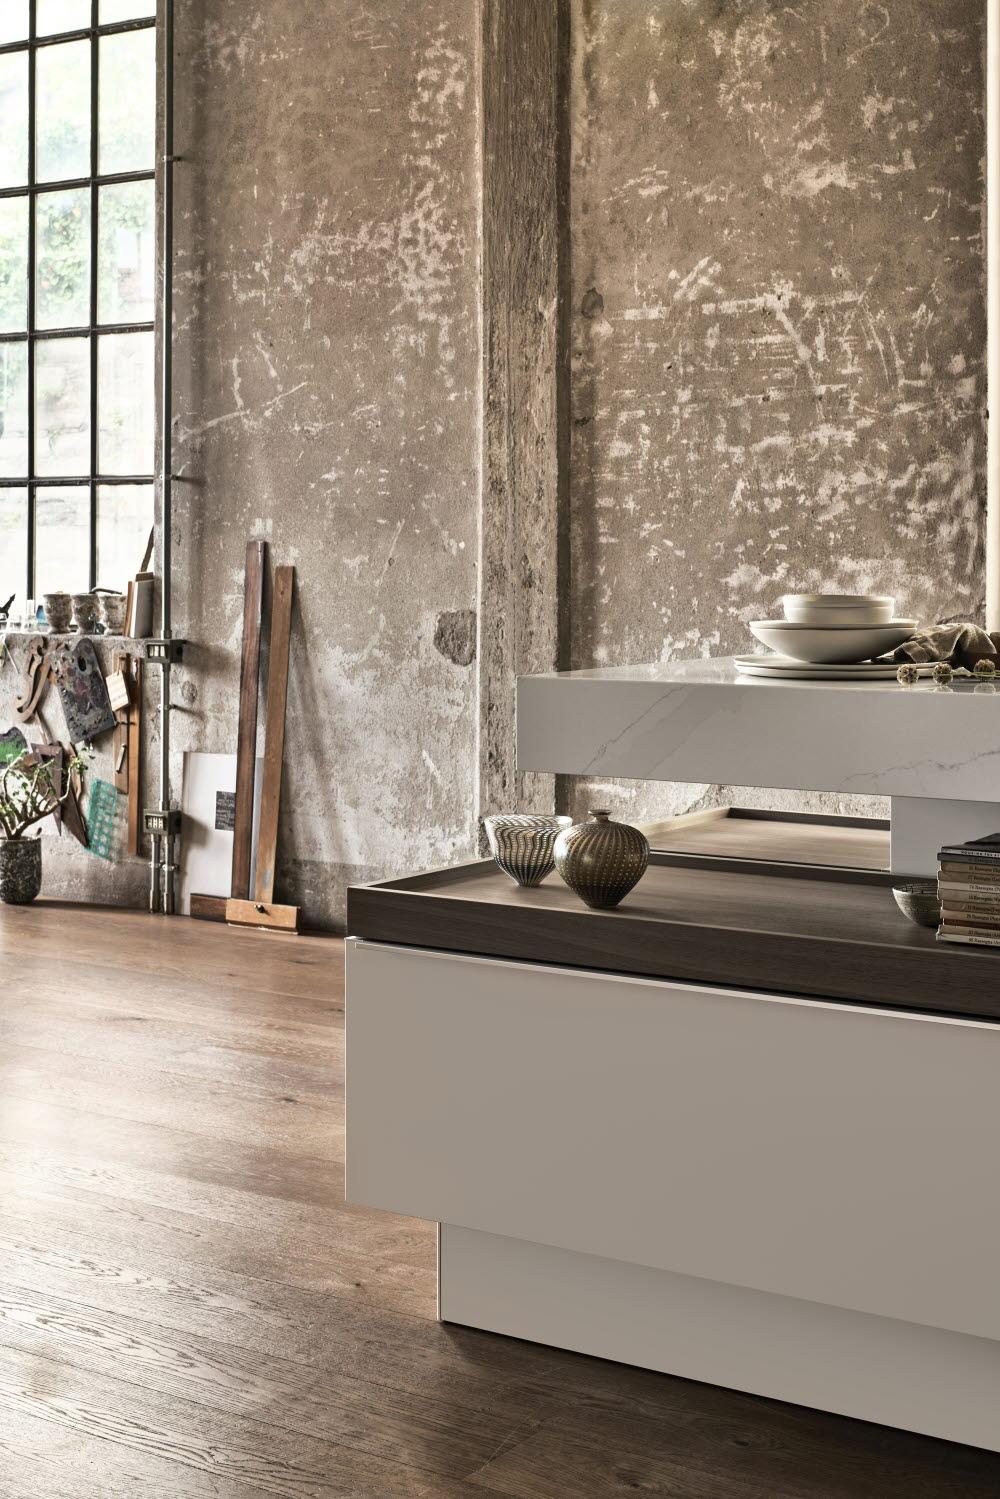 """Kunstvoller Hingucker ist die durchlässige Fläche zwischen Arbeitsplatte und Unterschrank der Kücheninsel, der Designobjekte ebenso wie Kochgeschirr beherbergen und auf sogenannten """"Trays"""" ausstellen kann. (Foto: Poggenpohl)"""